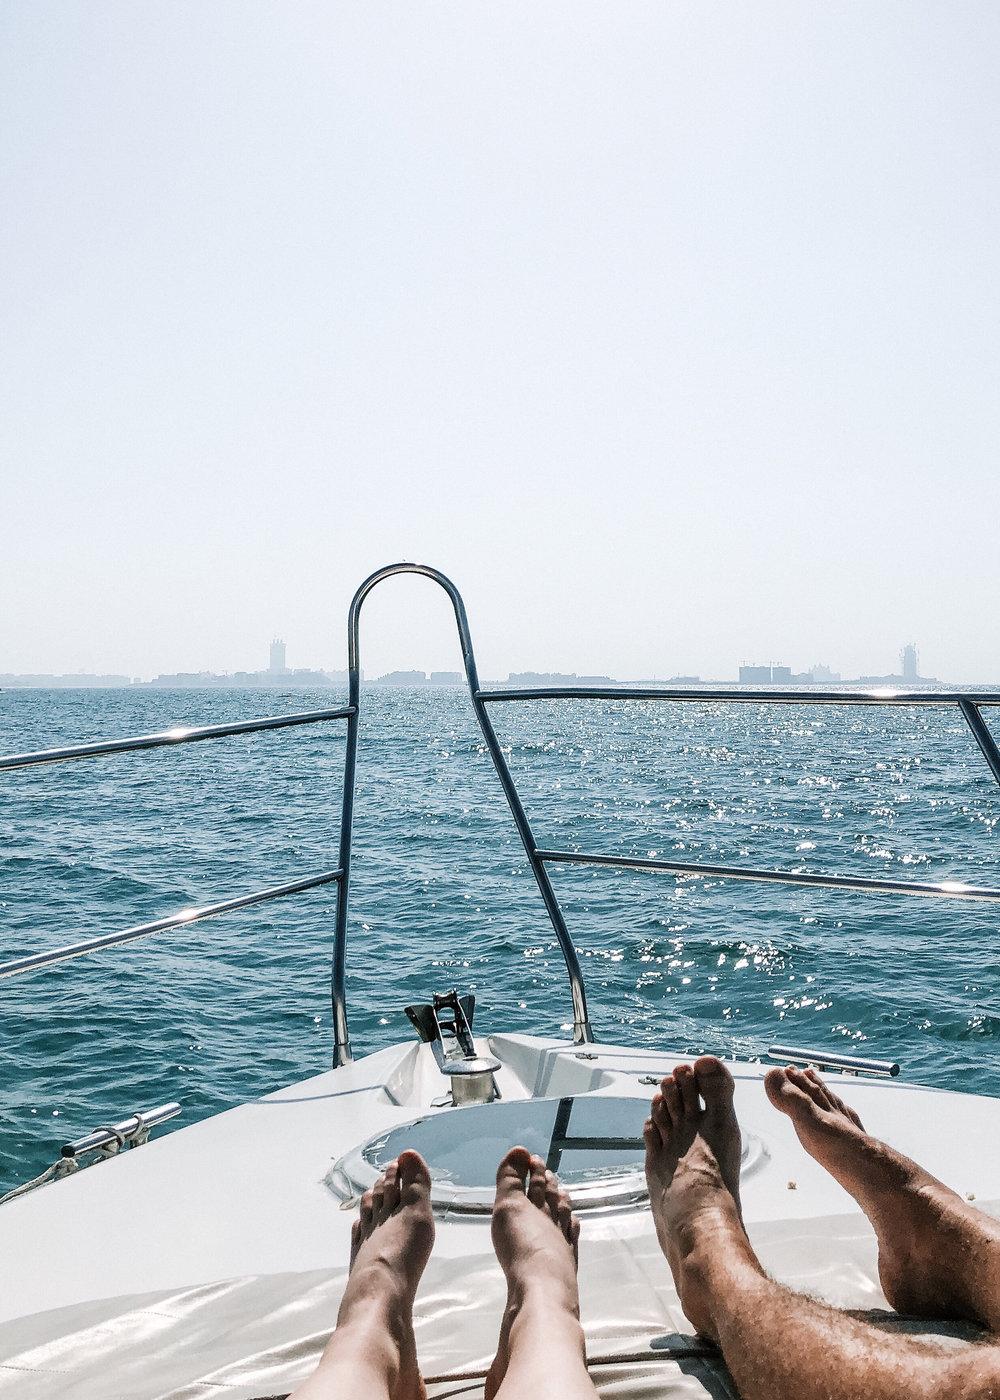 Dubai A-Ö   Dubai reseguide   Travel Guide Dubai   Rent a Yacht   By Sandramaria   Sandramarias.com